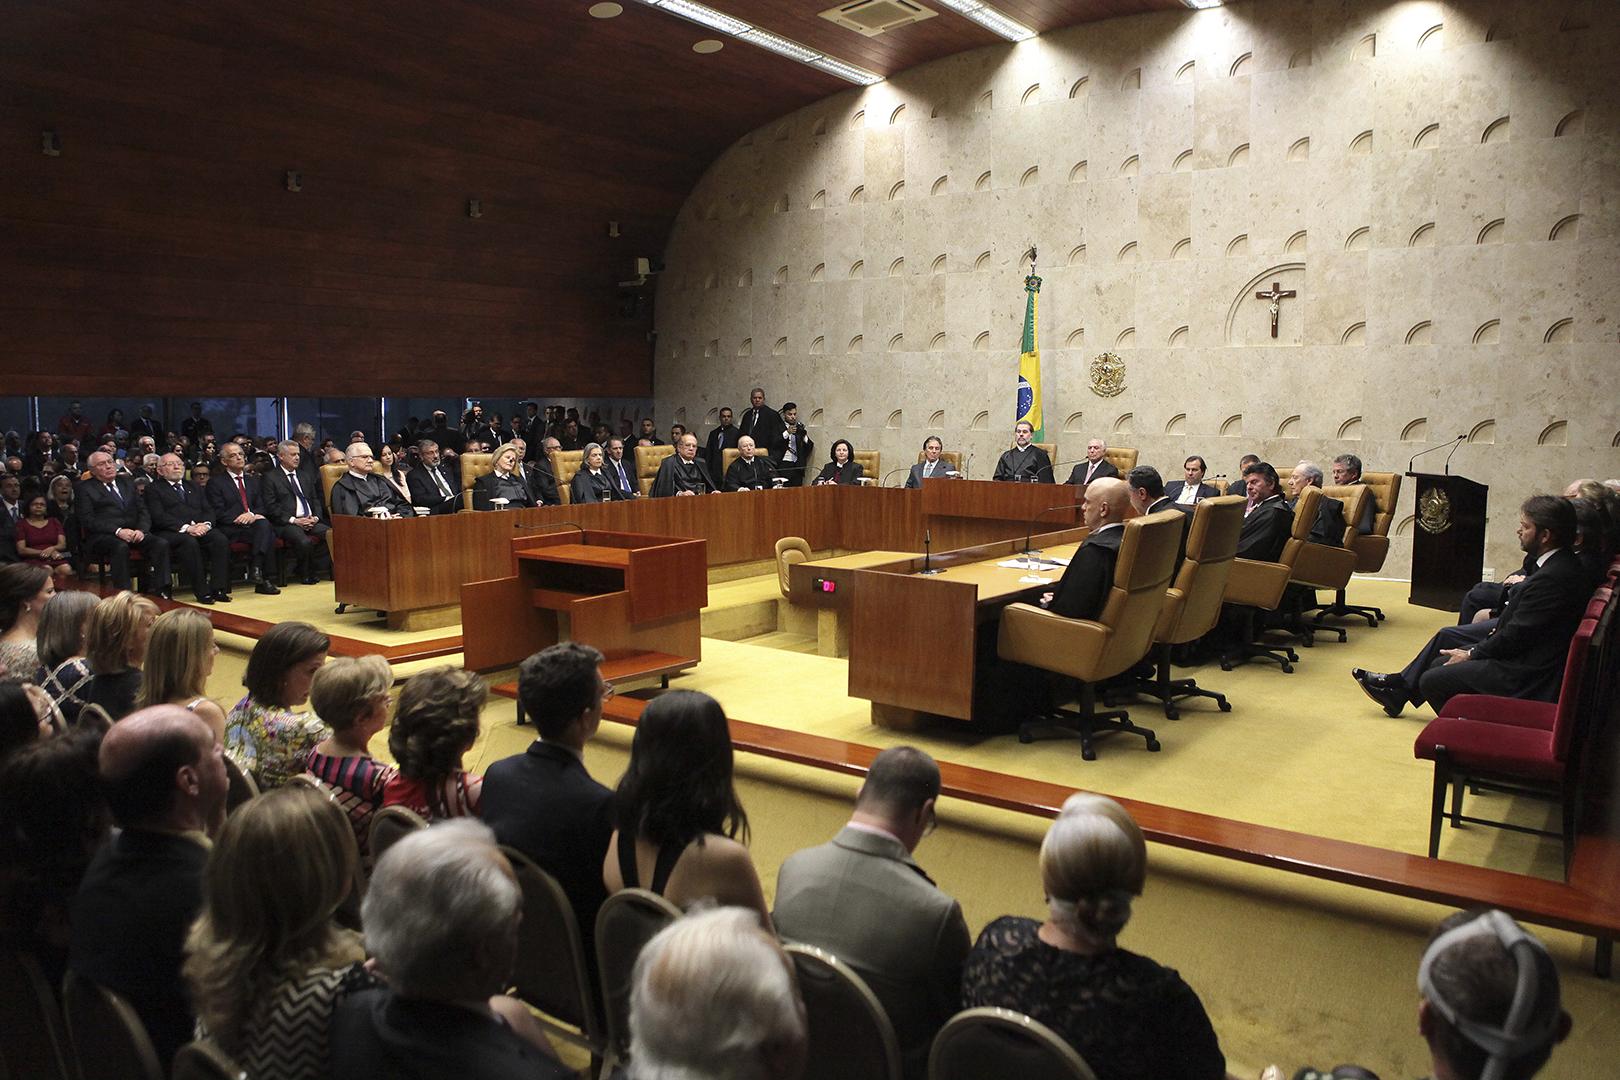 Judiciário paulista prestigia cerimônia de posse no STF